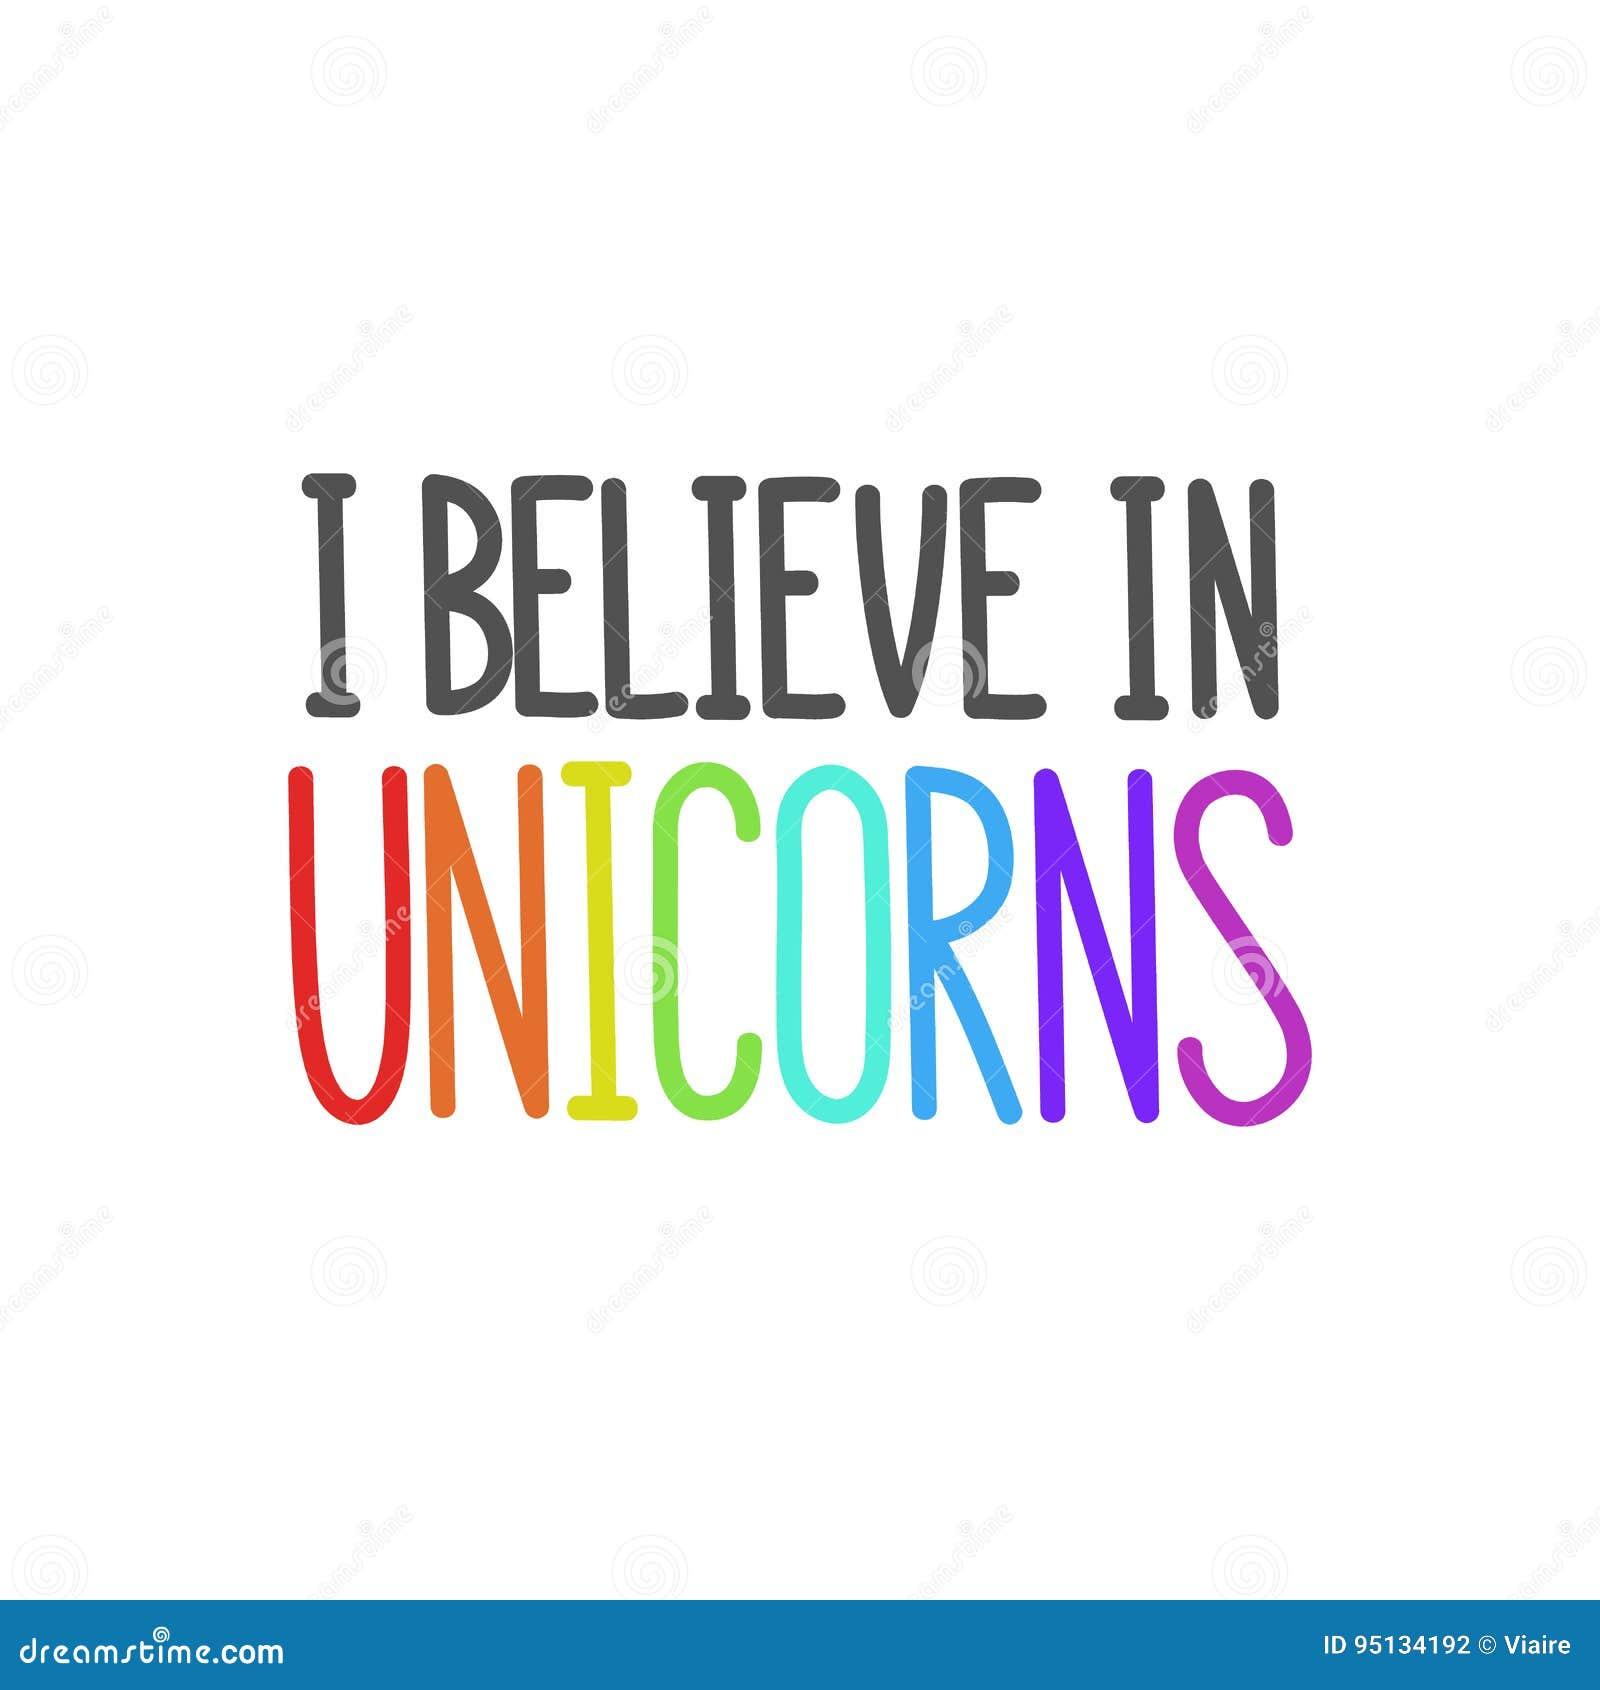 Believe In Unicorns: The Quote `I Believe In Unicorns`. Stock Vector